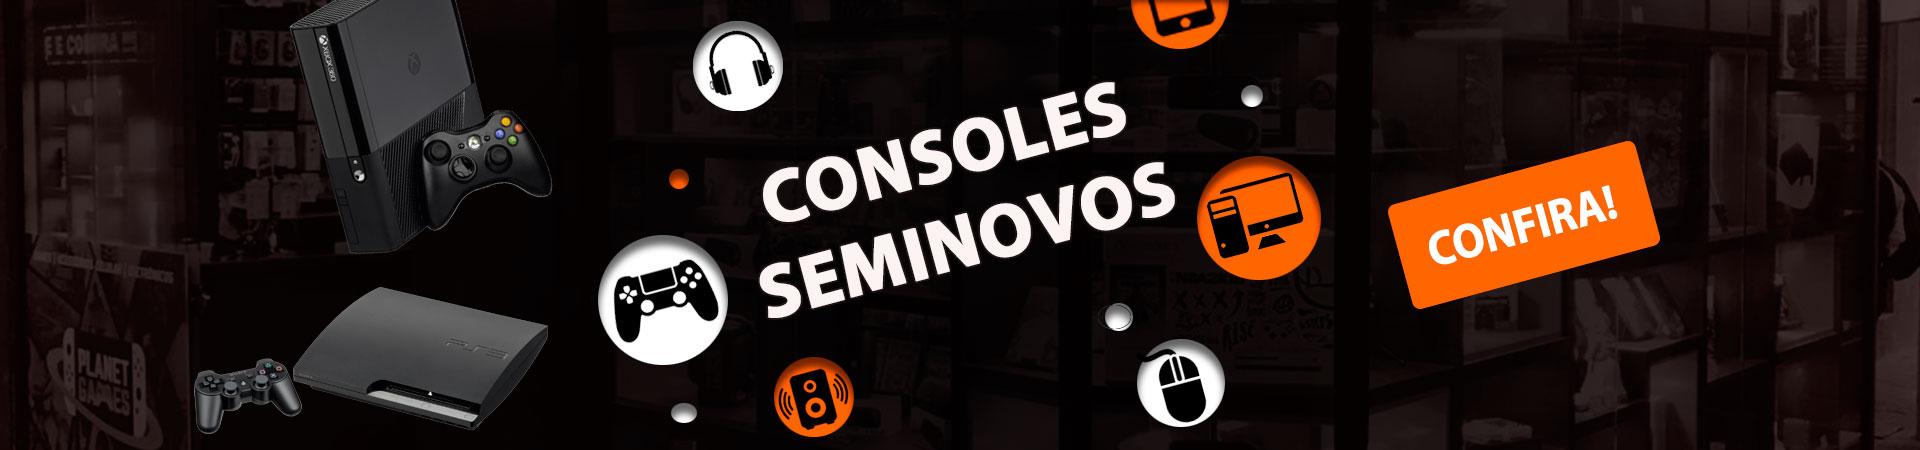 Banner Consoles Seminovos